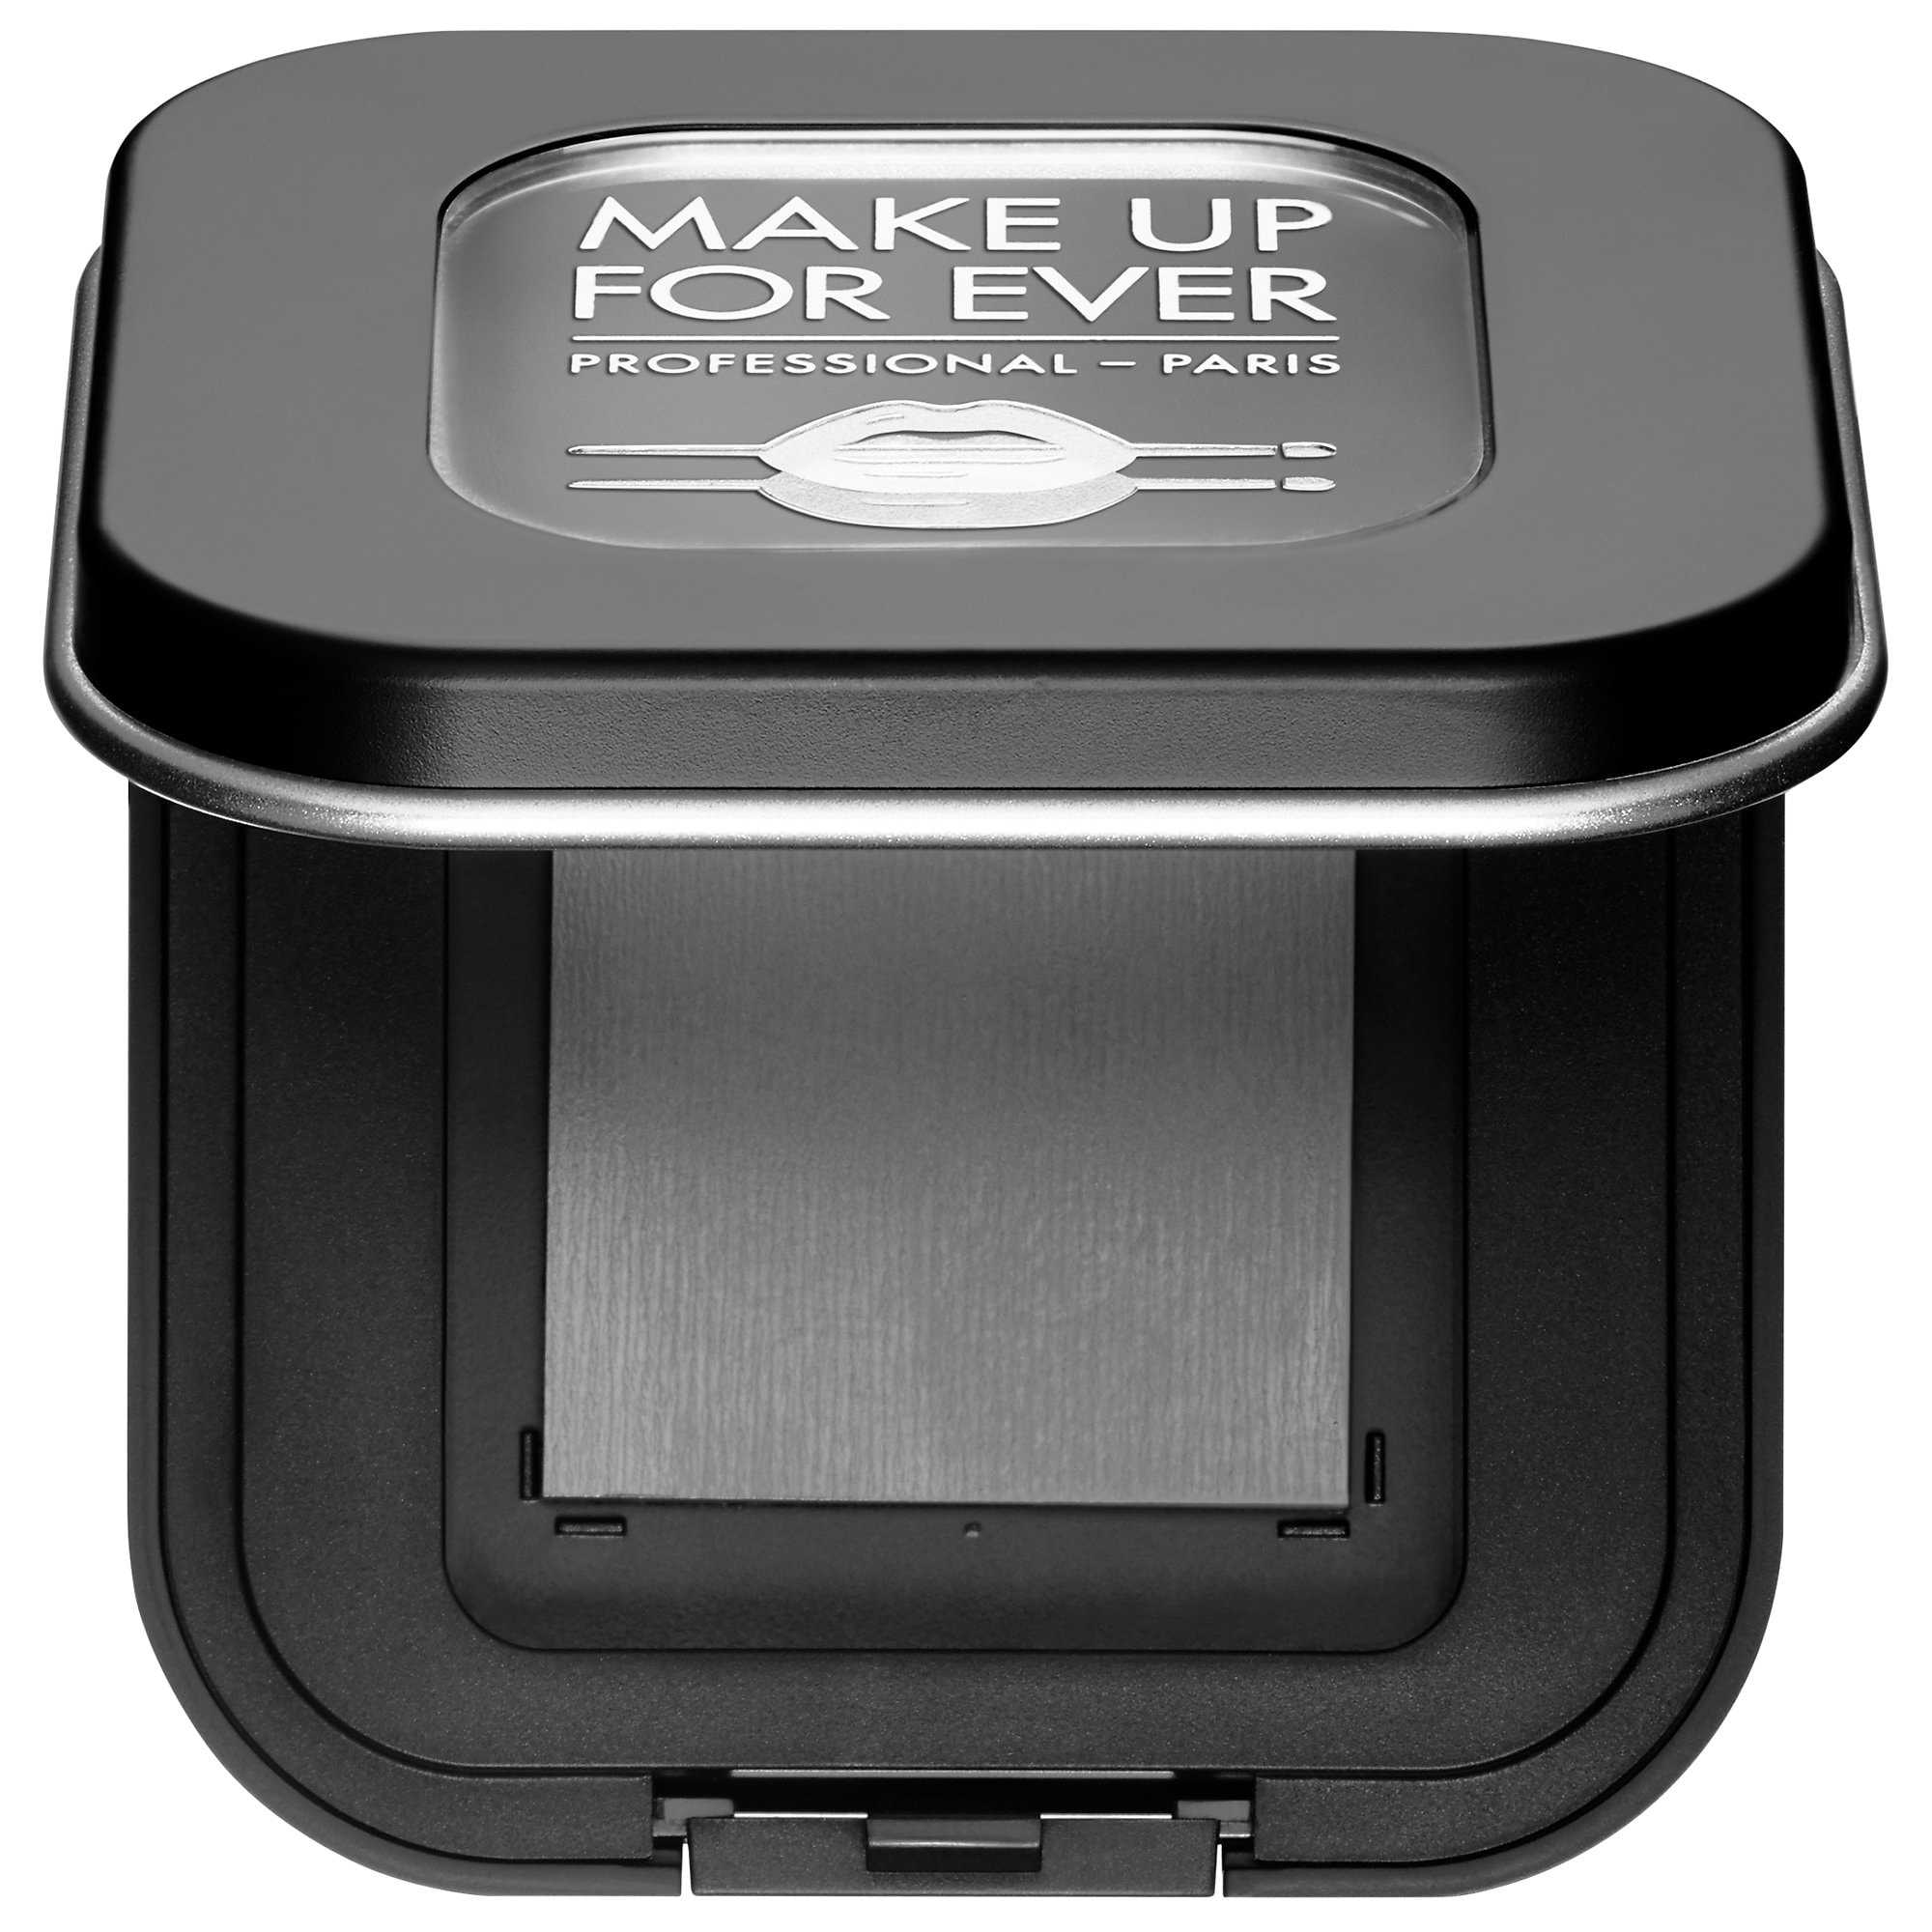 Make Up for Ever - Artist Color Refillable Makeup Palette